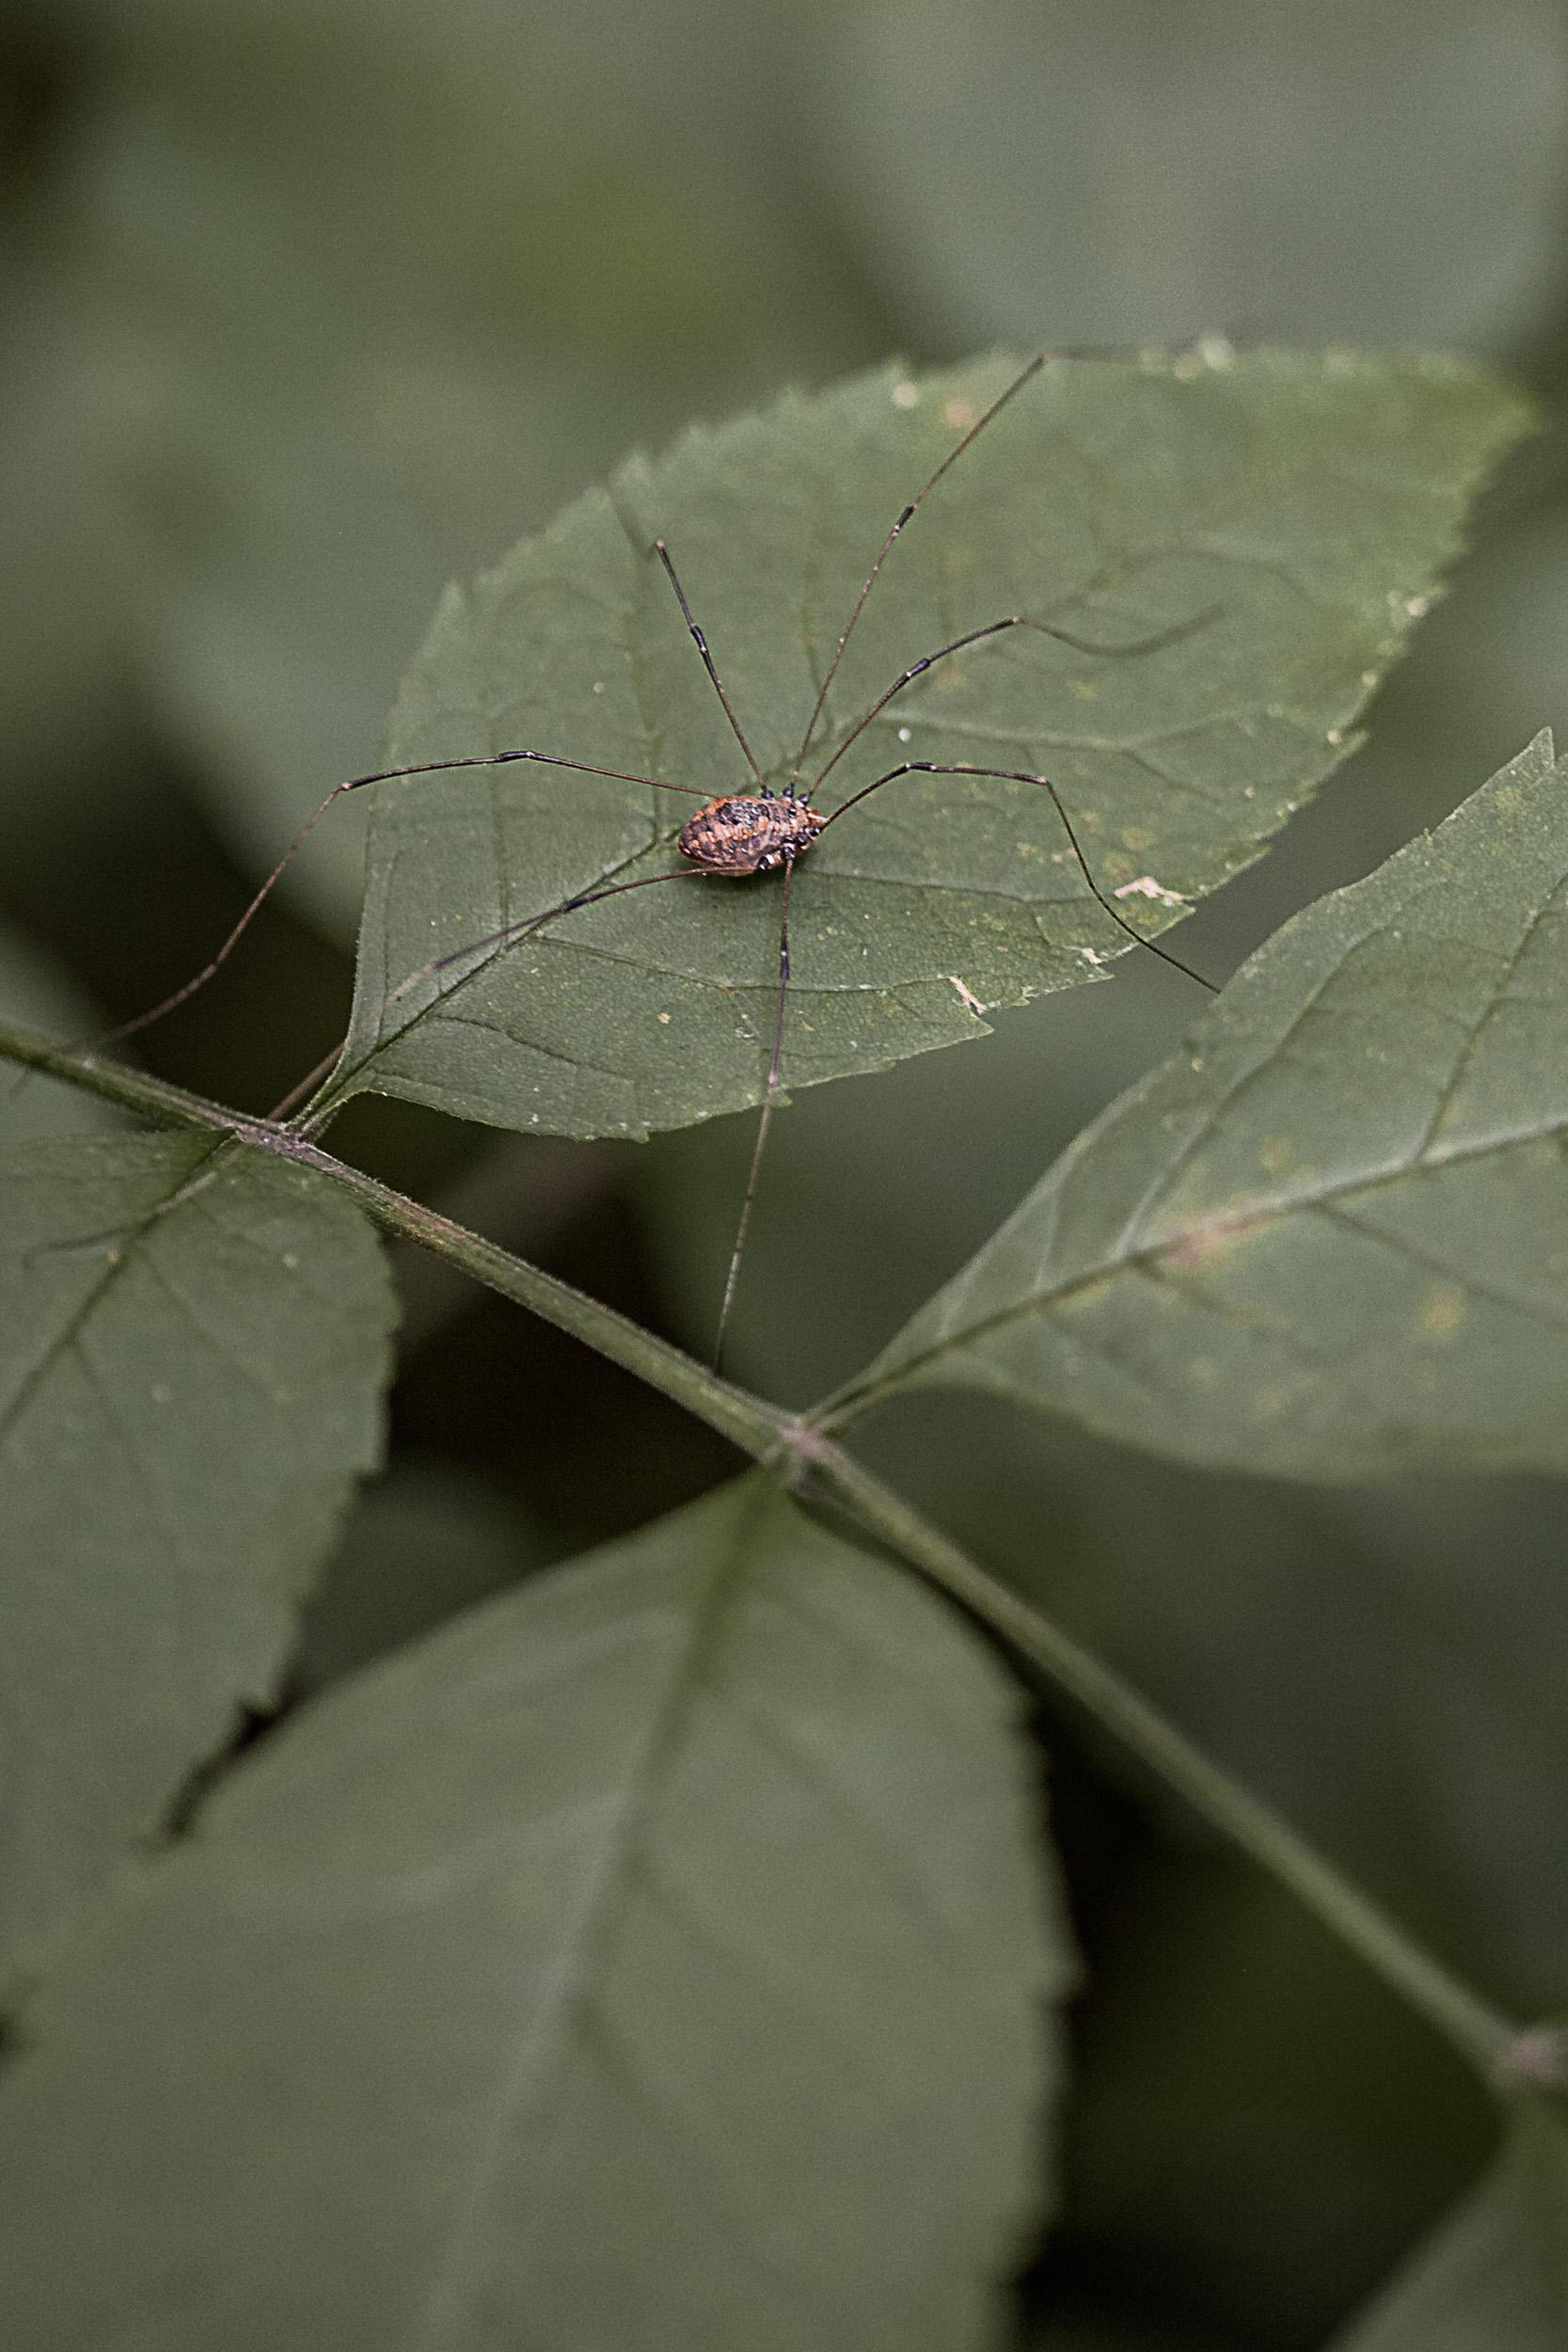 091518-macro-nature-25.jpg